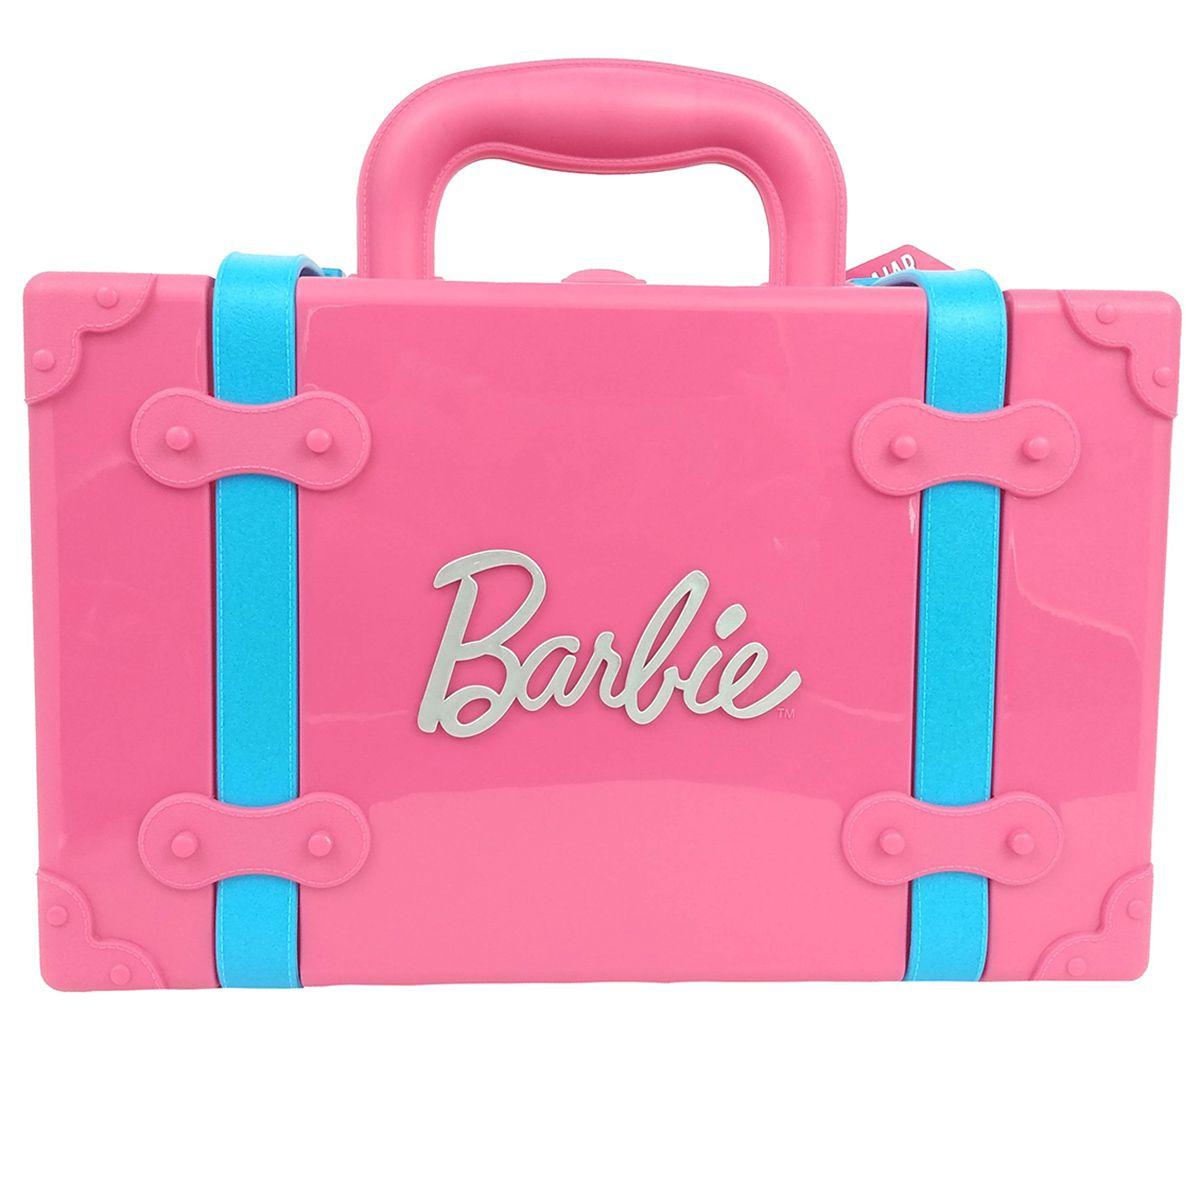 Sandália Feminina Barbie Rosa Maleta